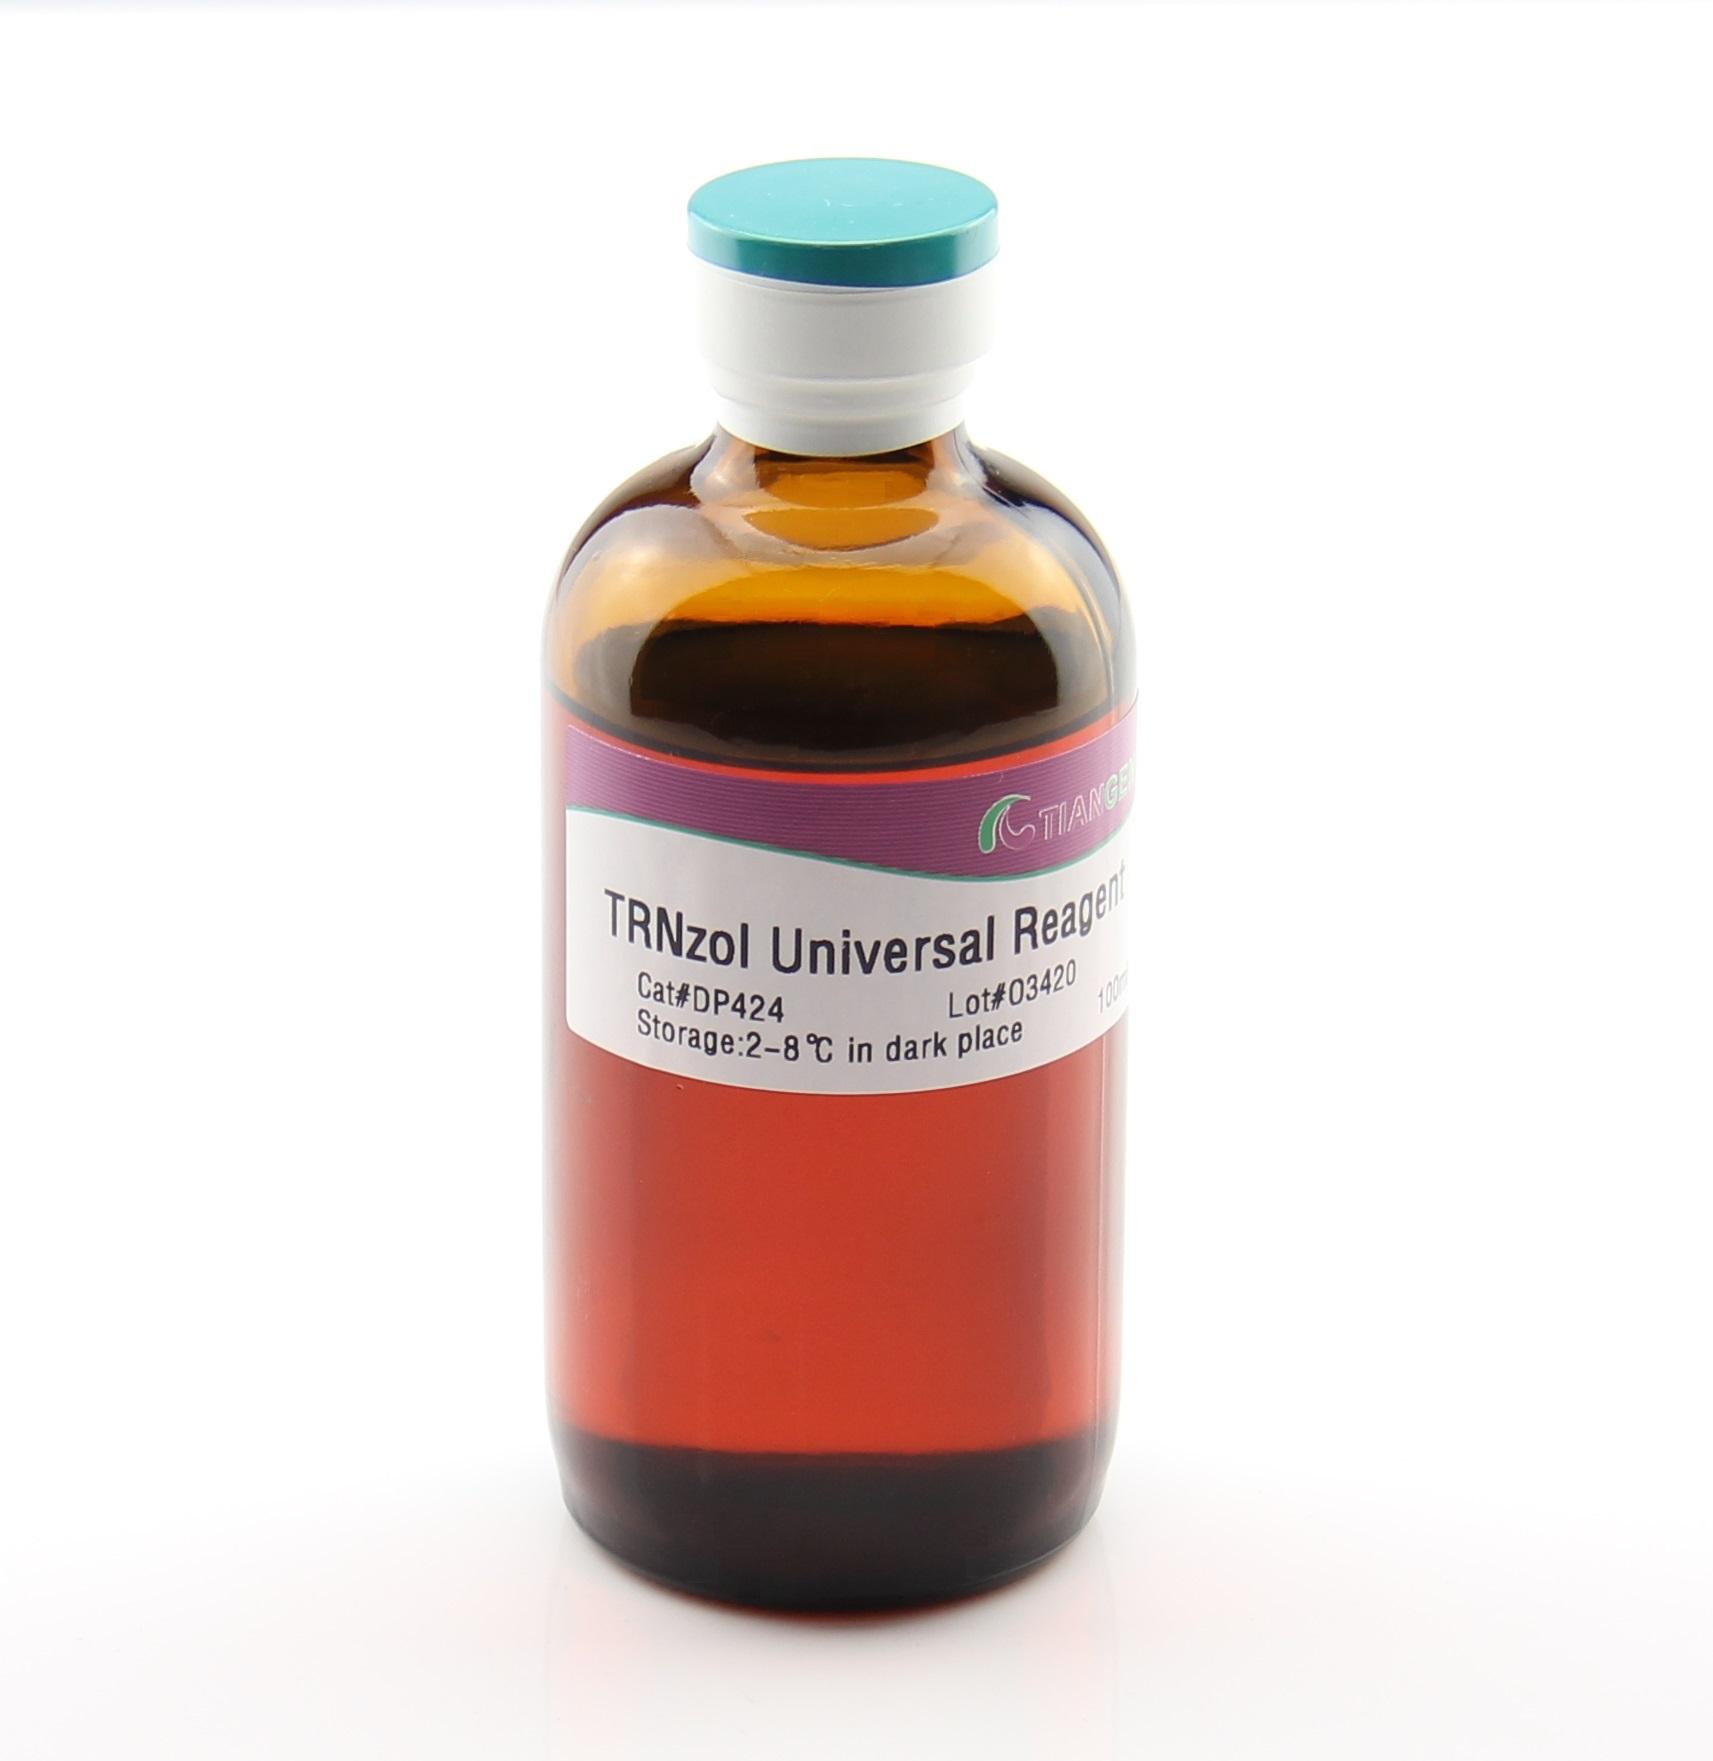 TRNzol Universal 总 RNA 提取试剂(DP424)